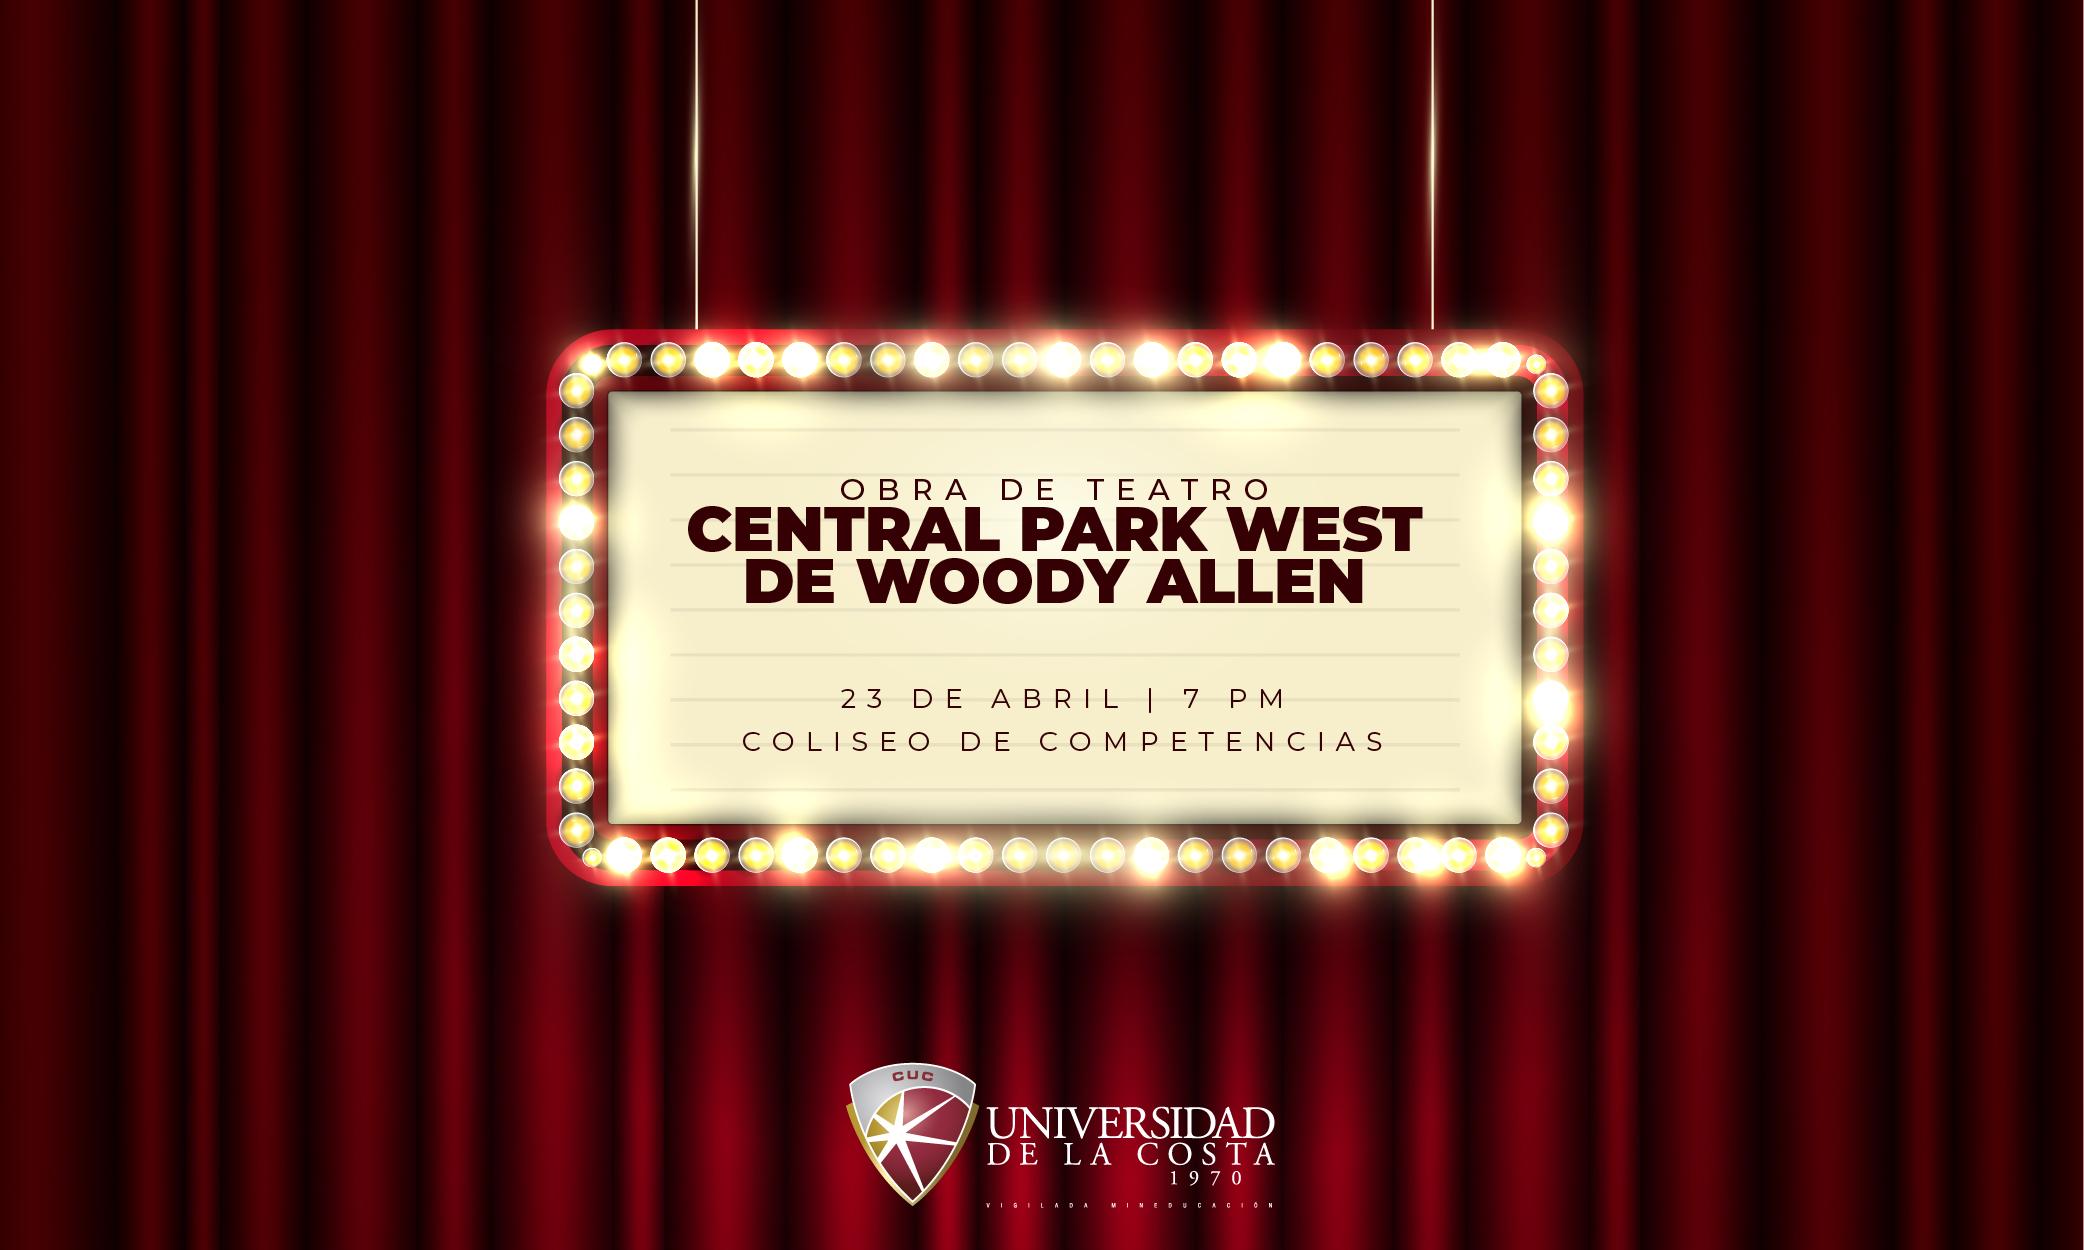 Teatro en Unicosta con 'Central Park West', de Woody Allen